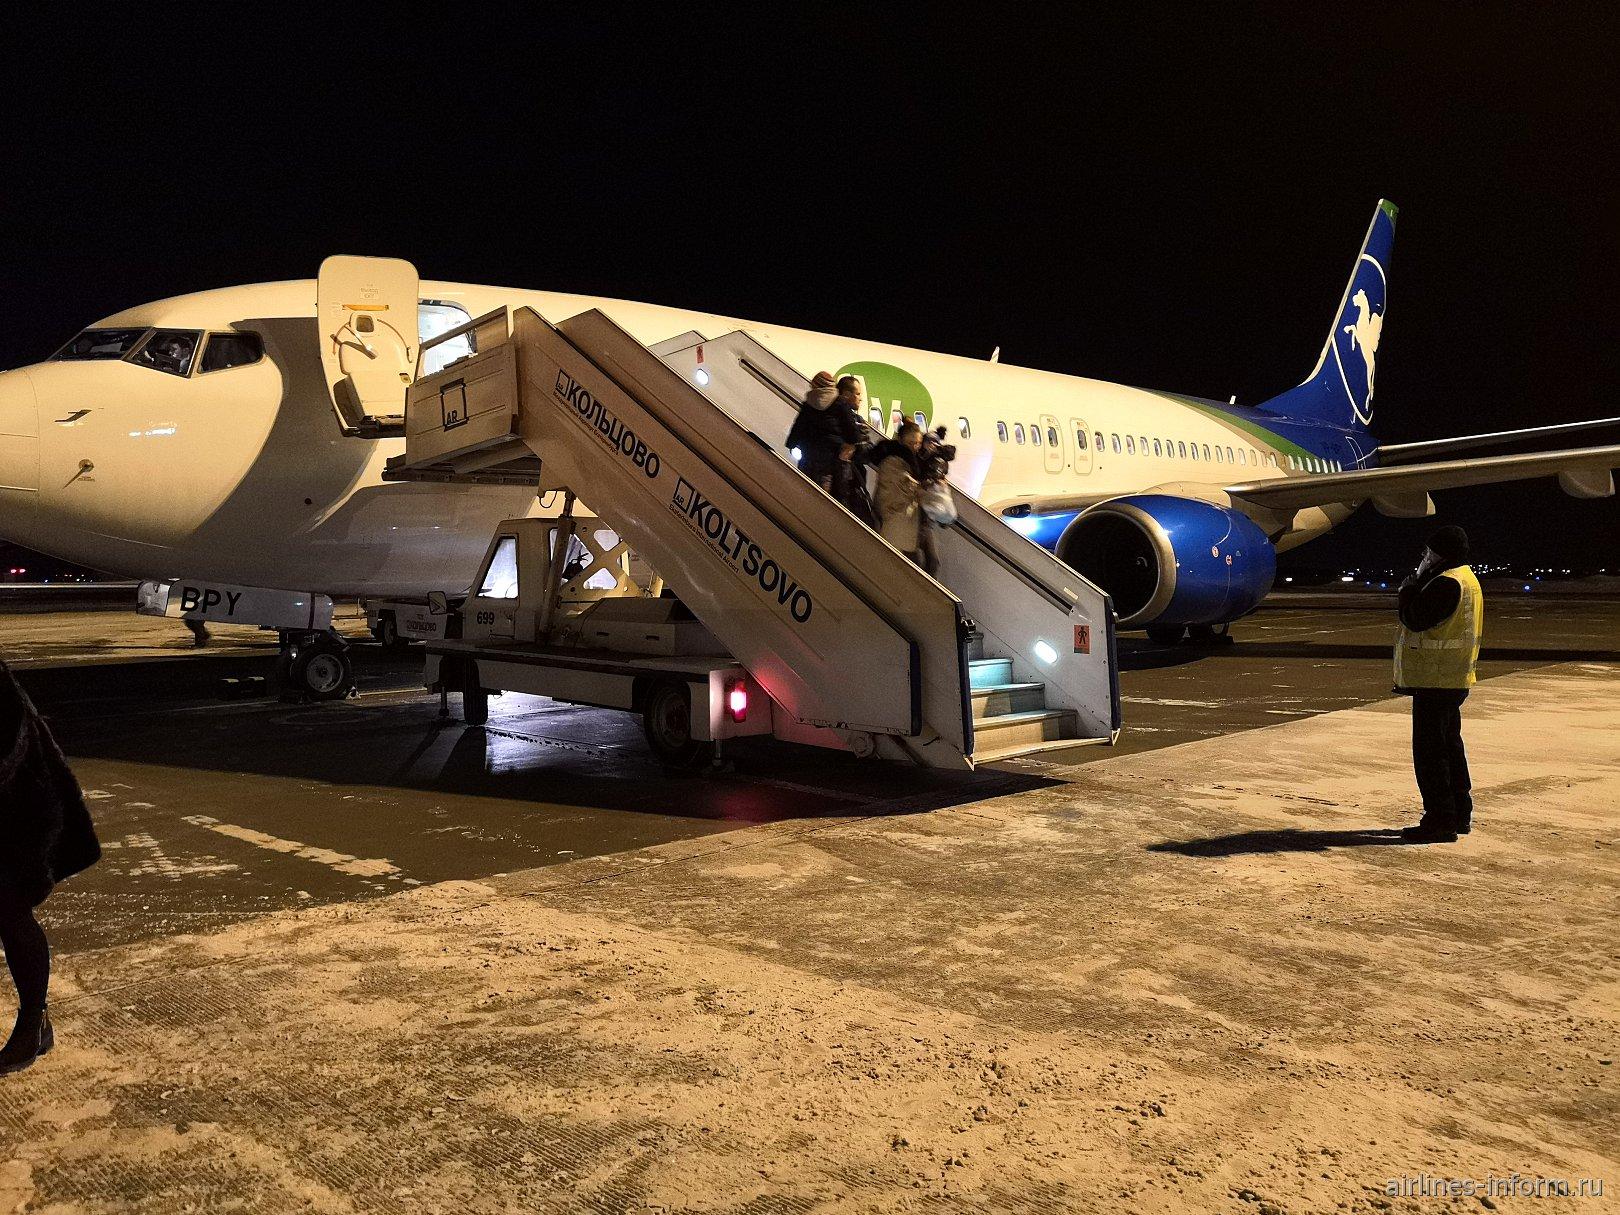 Pegas Fly из Москвы (Шереметьево им. А.С. Пушкина) в Екатеринбург (Кольцово им. А.Н. Демидова)